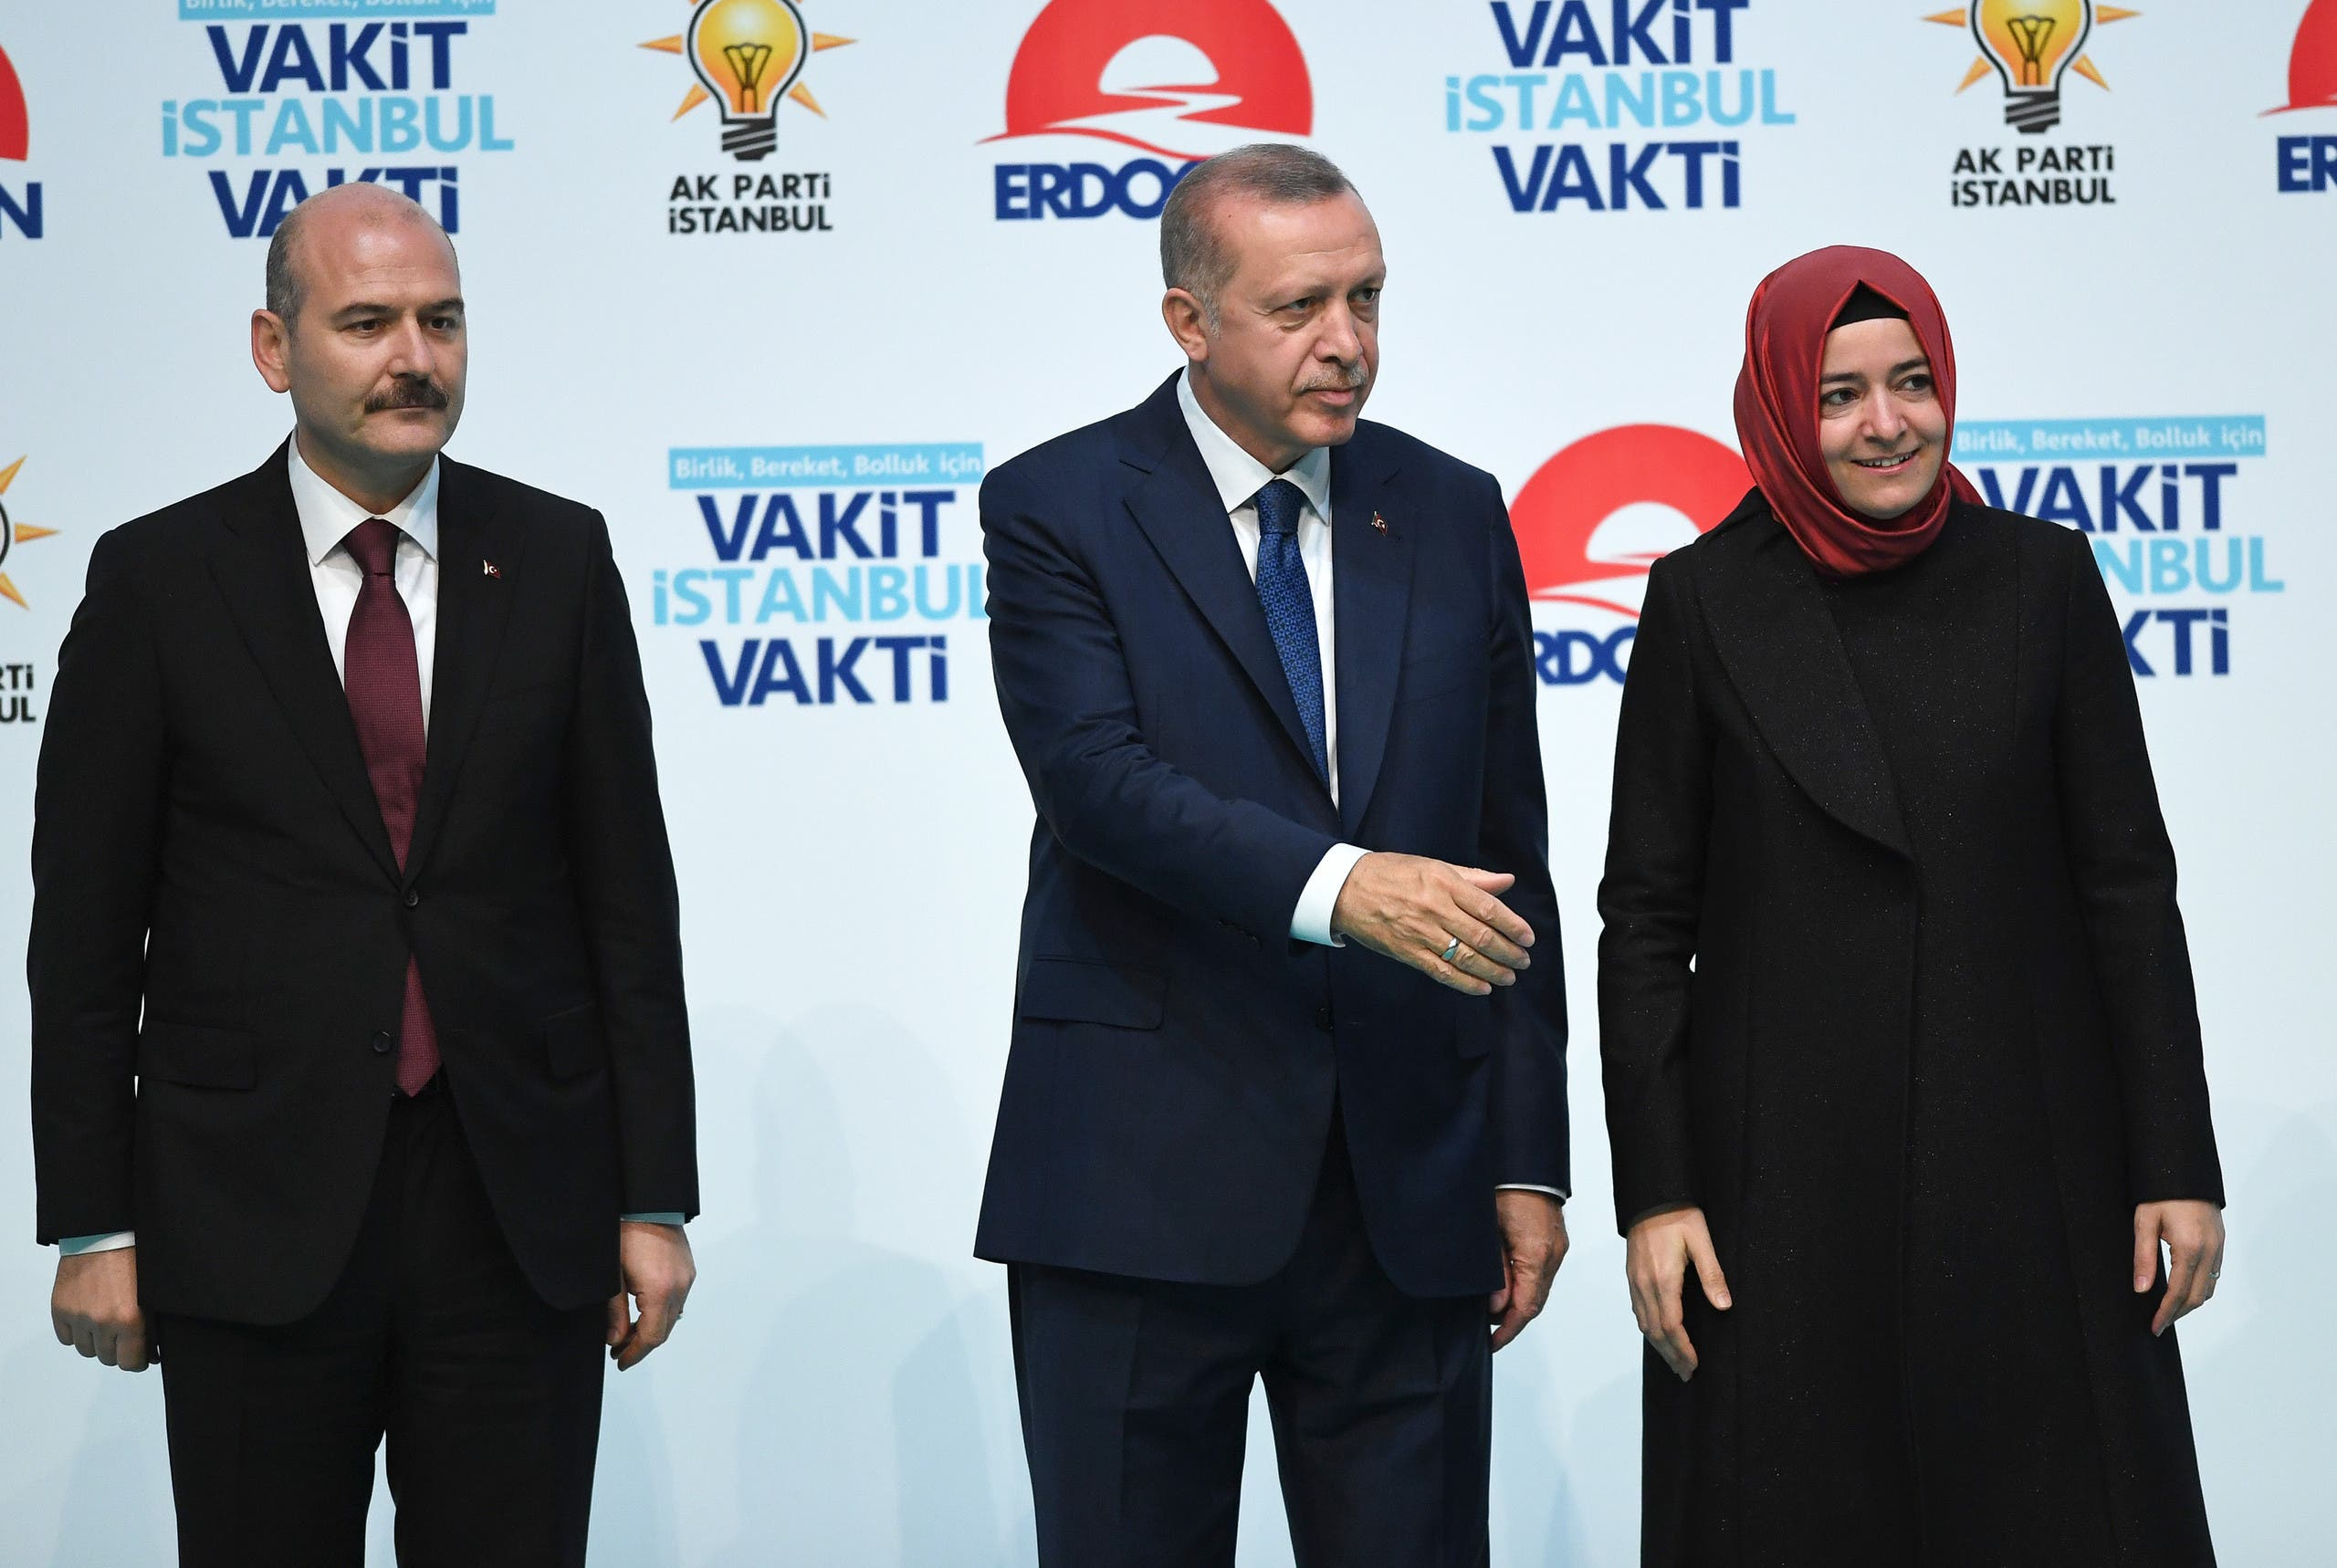 الرئيس التركي رجب طيب أردوغان ووزير الداخلية سليمان صويلو(أرشيفية- فرانس برس)